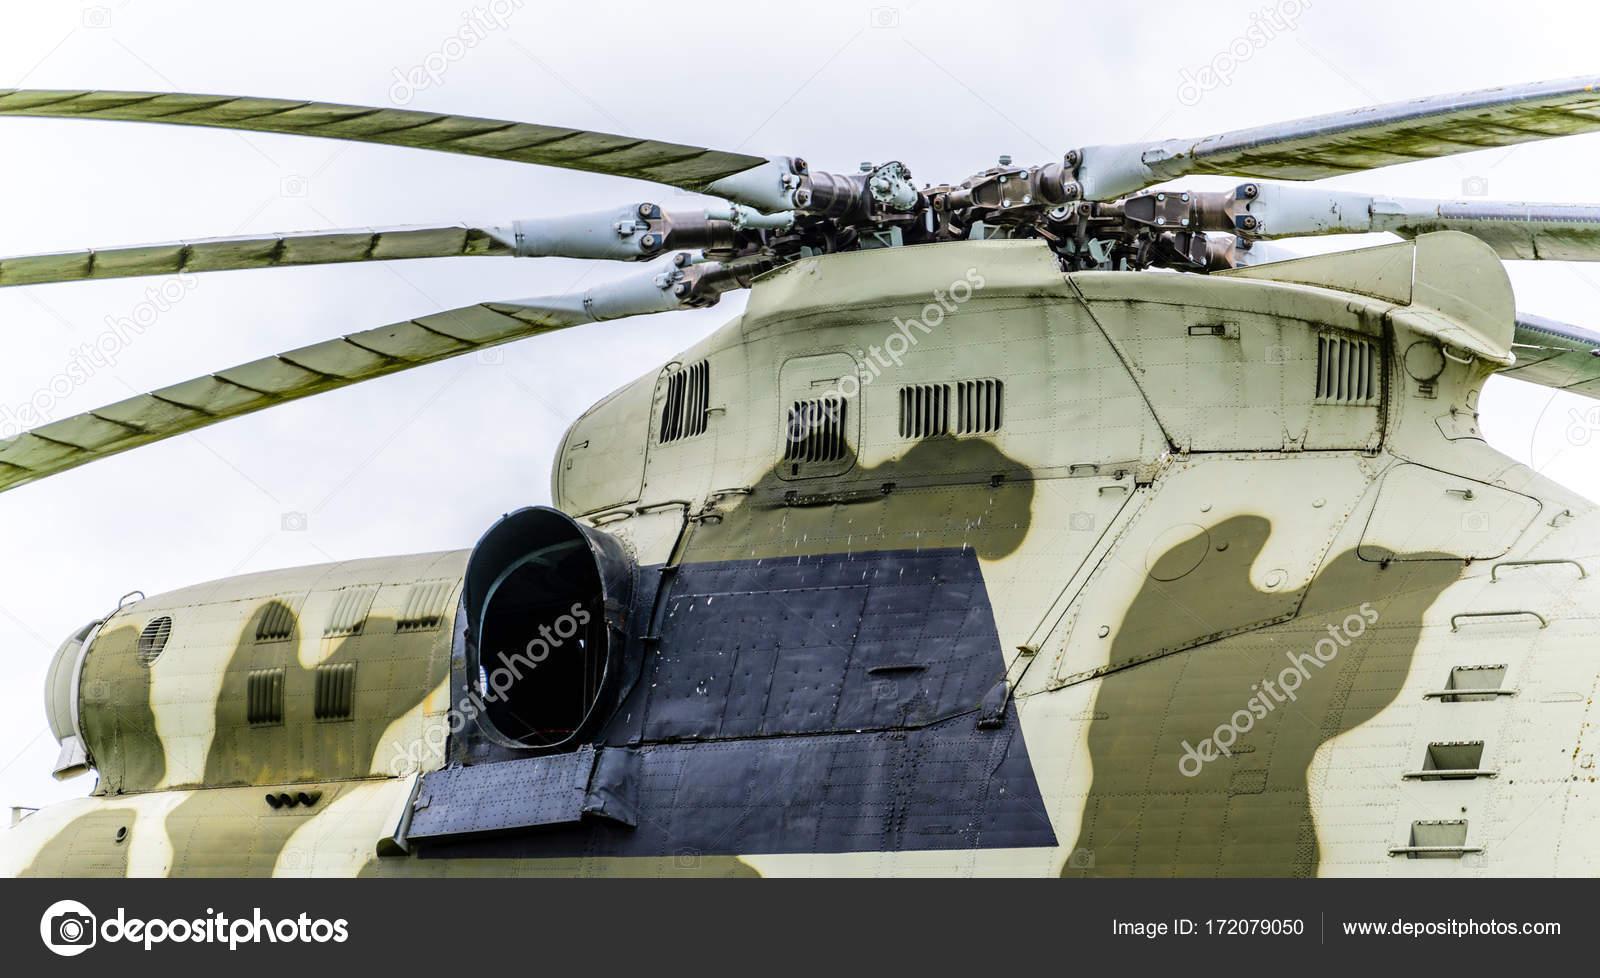 Fragmento del casco de helicóptero — Fotos de Stock © V_Sot #172079050